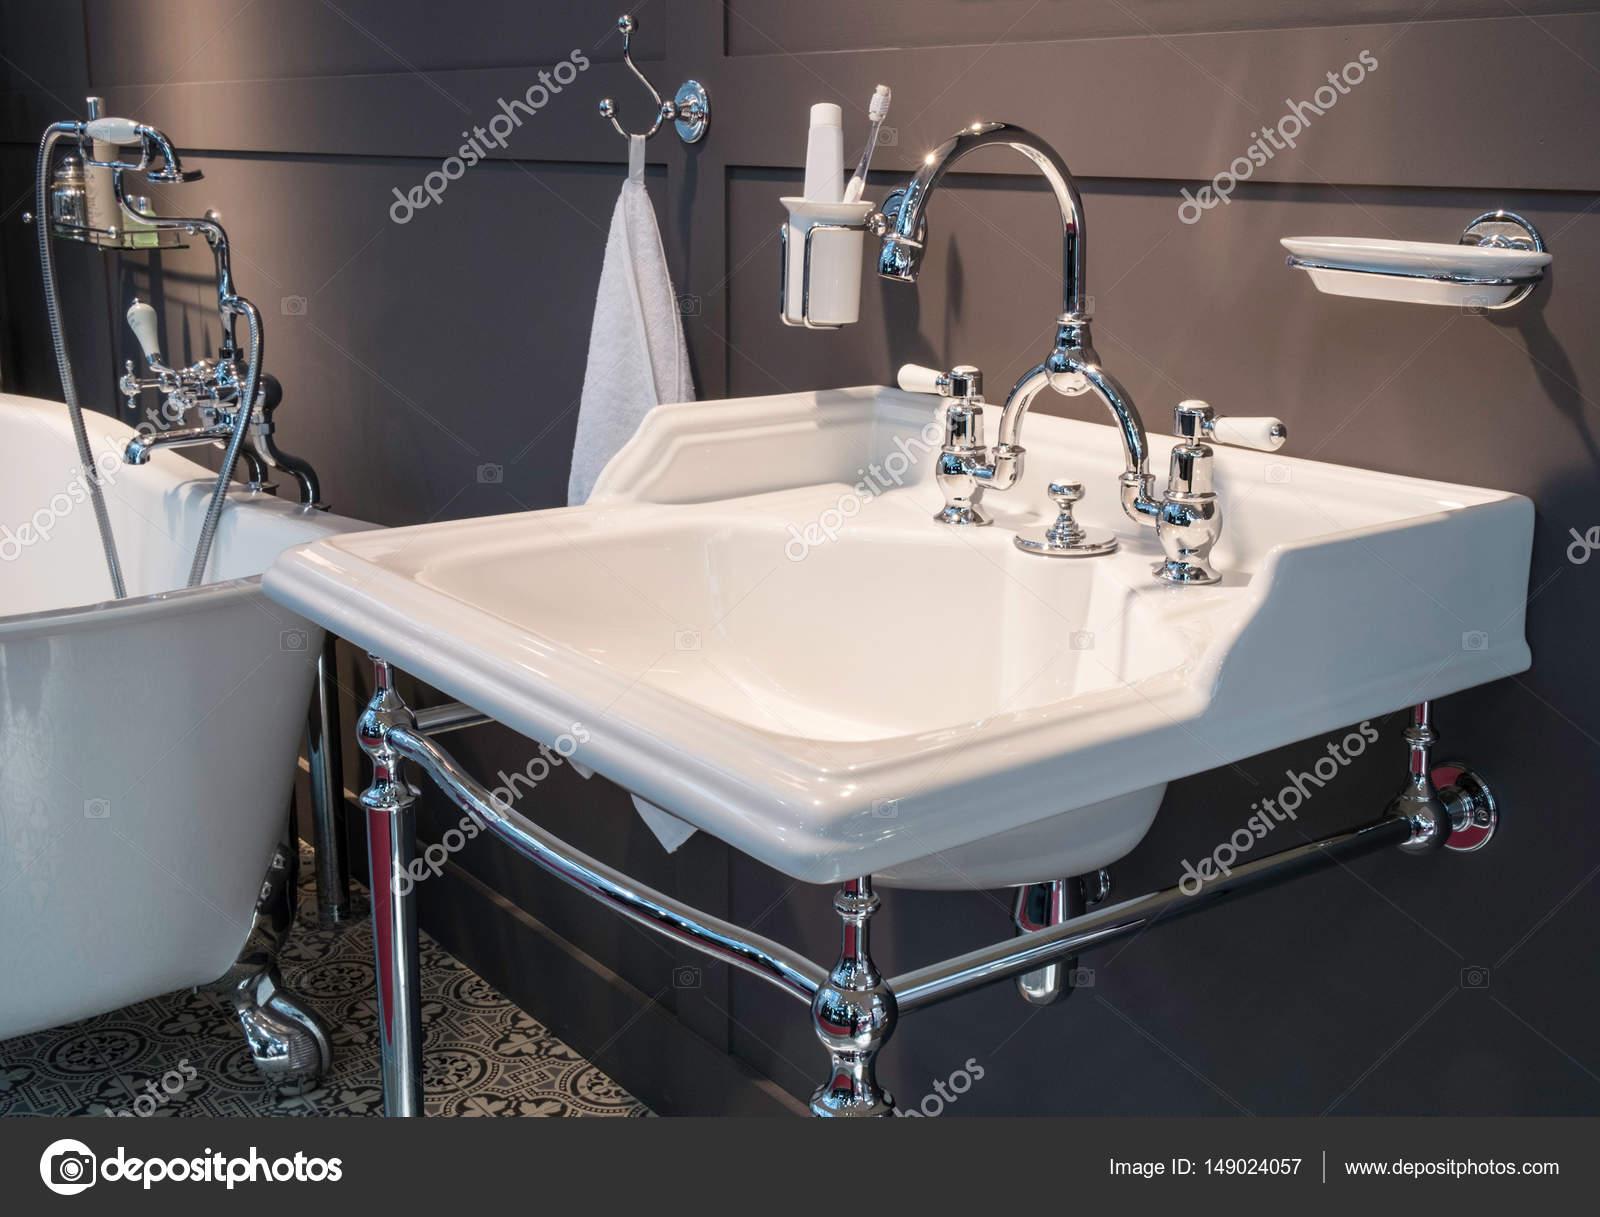 Luxe Donkere Badkamer : Luxe kraan mixer met witte keramische grepen op een witte wastafel